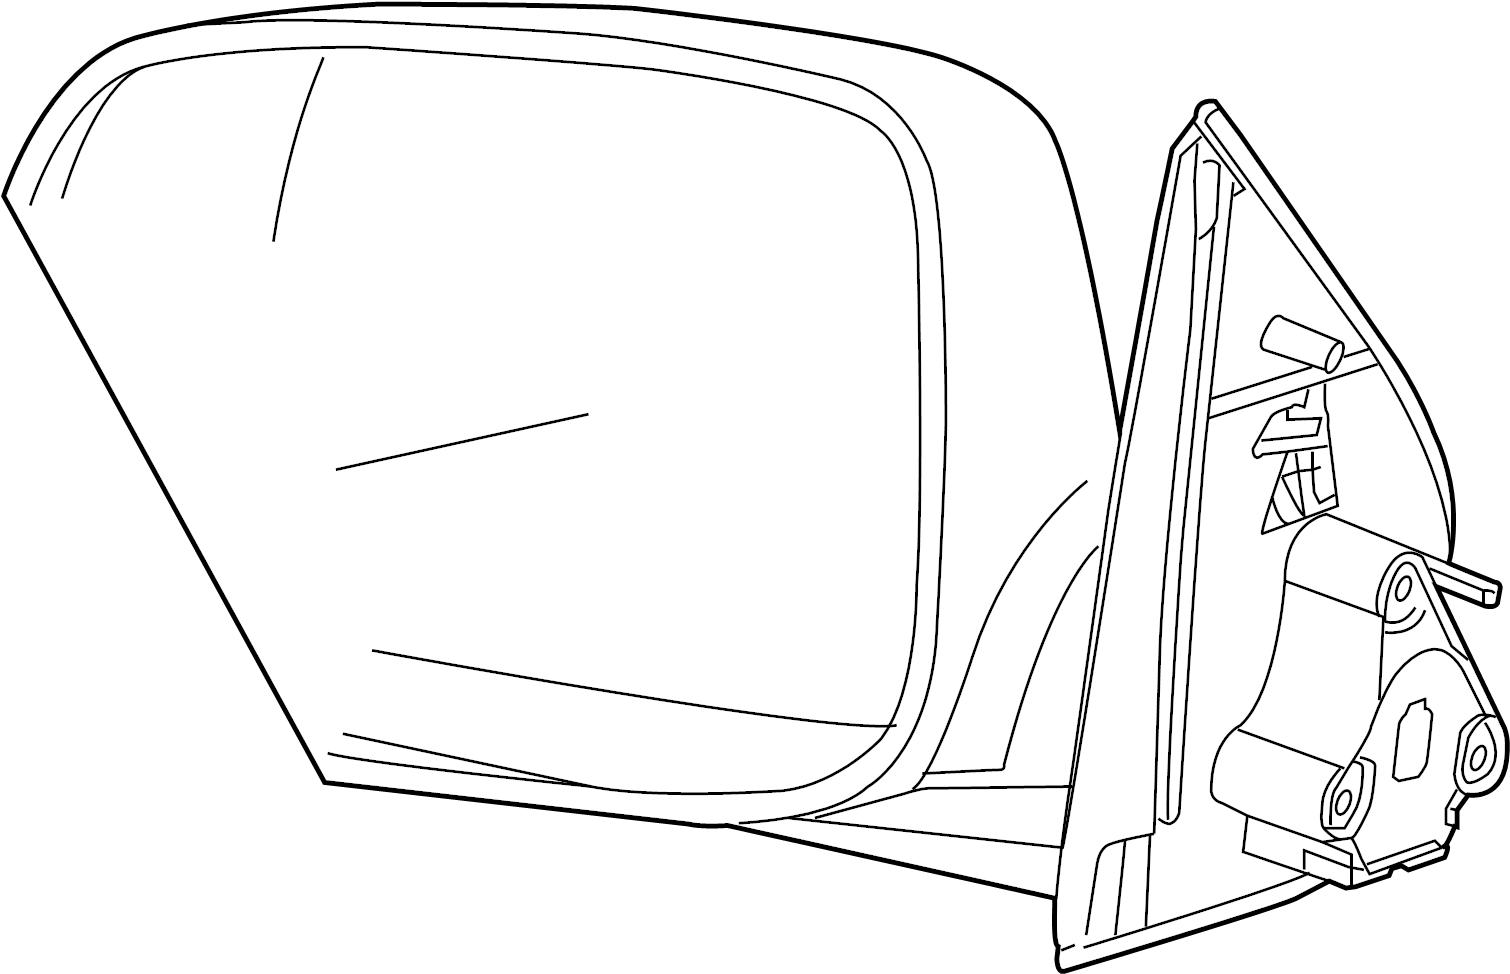 Chevrolet Colorado Mirror Rear View Mirror